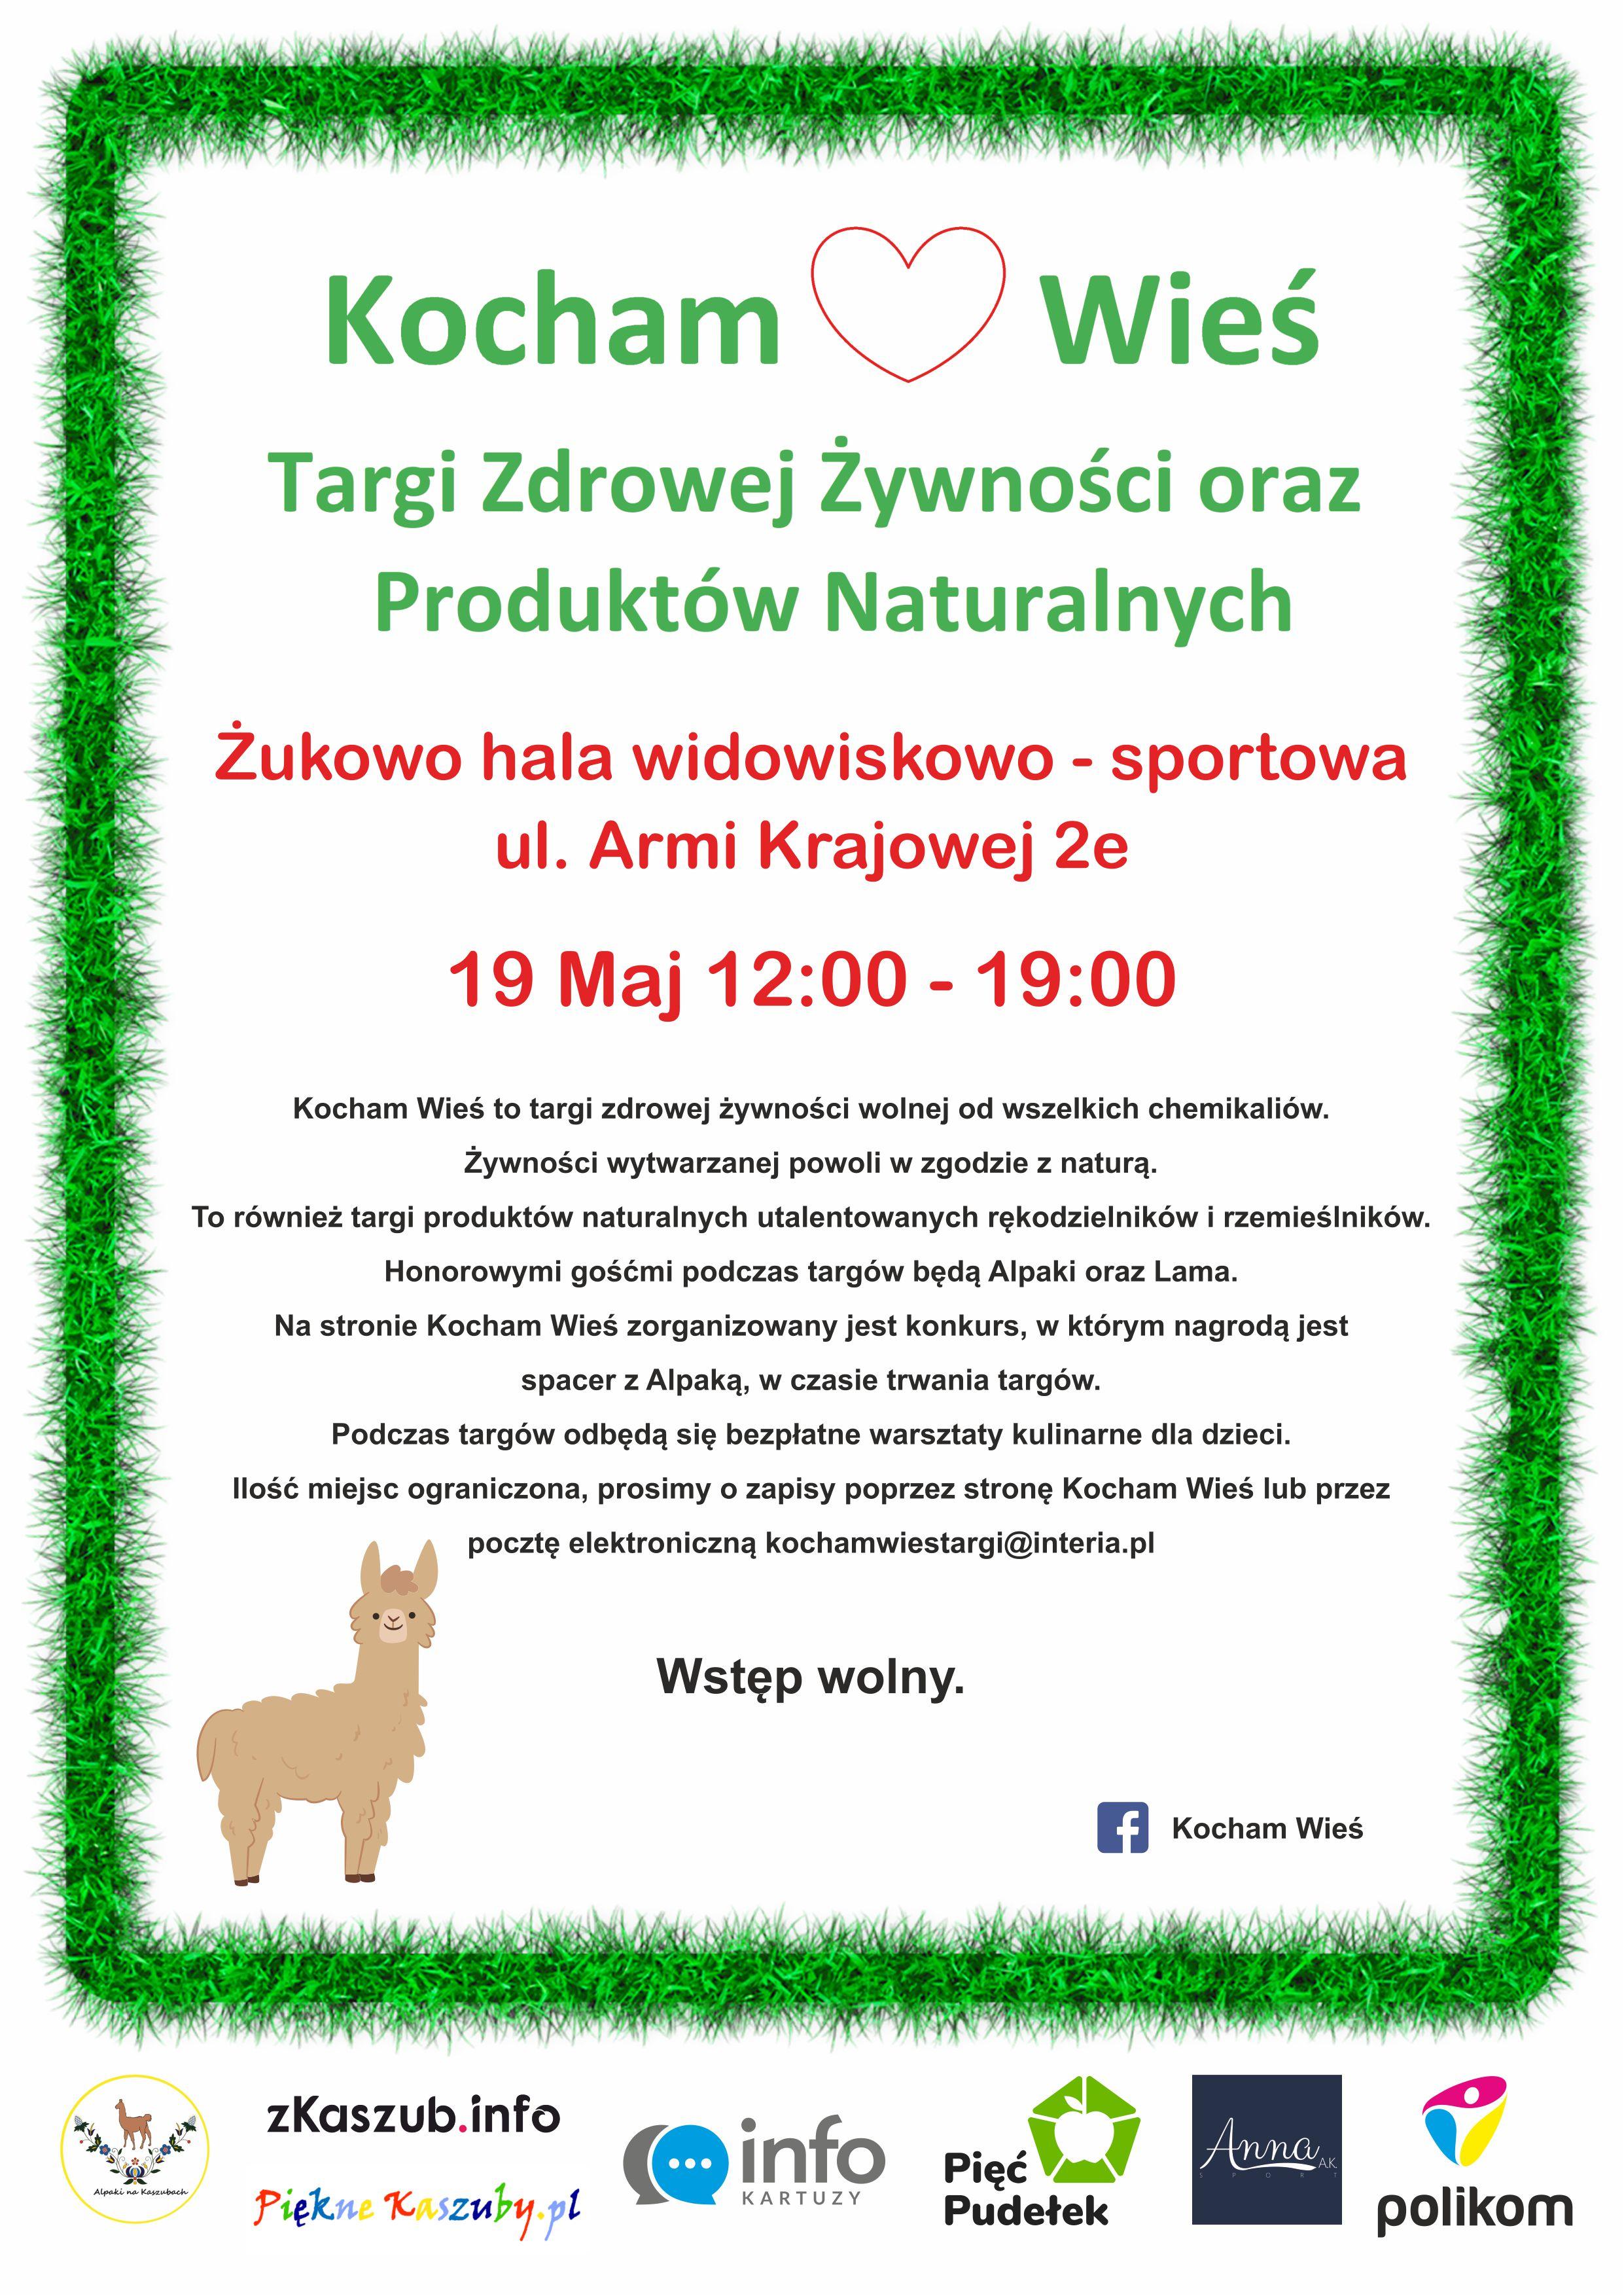 Kocham Wieś - Targi Zdrowej Żywności oraz Produktów Naturalnych w Żukowie